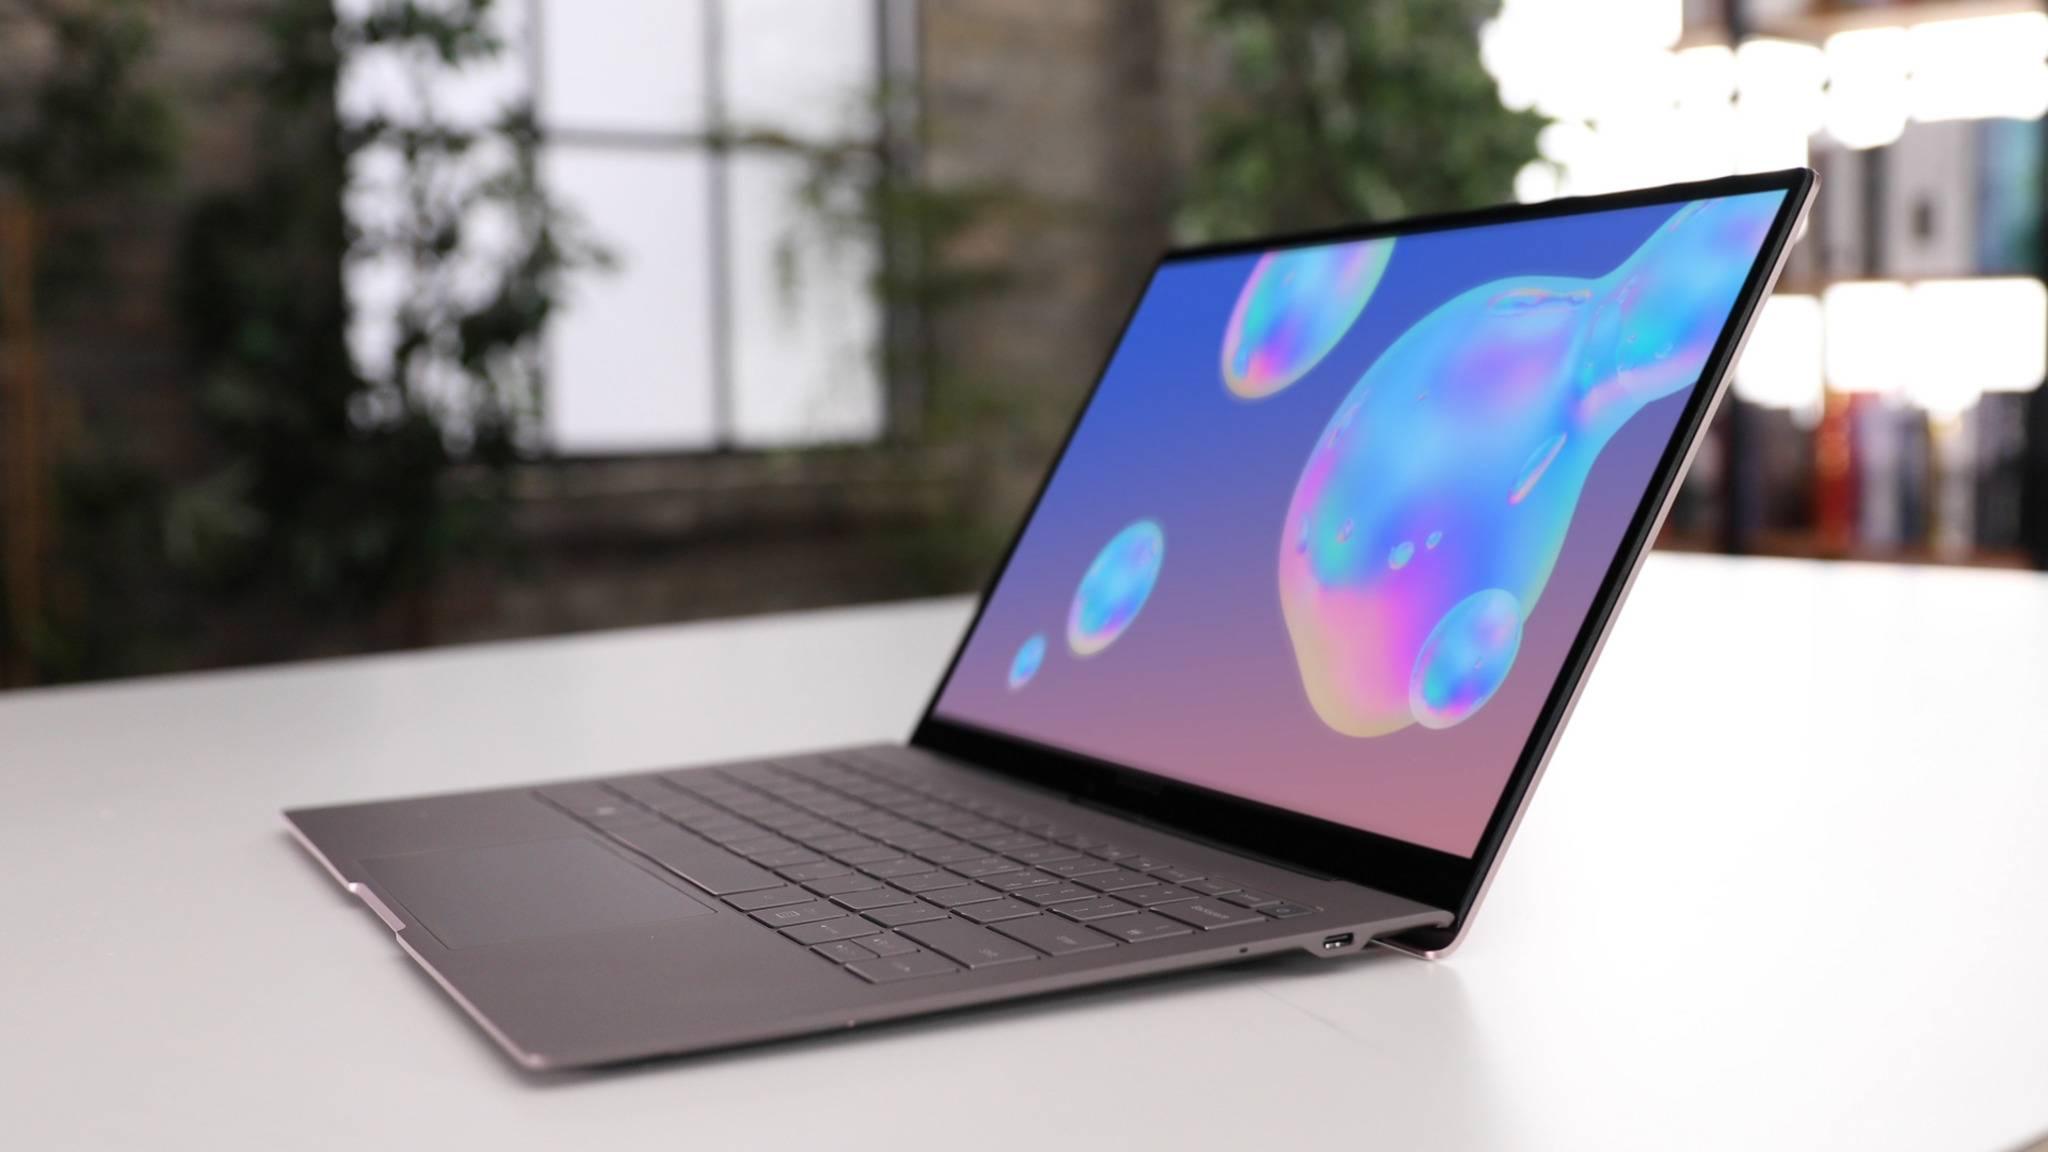 Das Galaxy Book S ist ein Windows-Laptop mit mobilem Snapdragon-Prozessor.